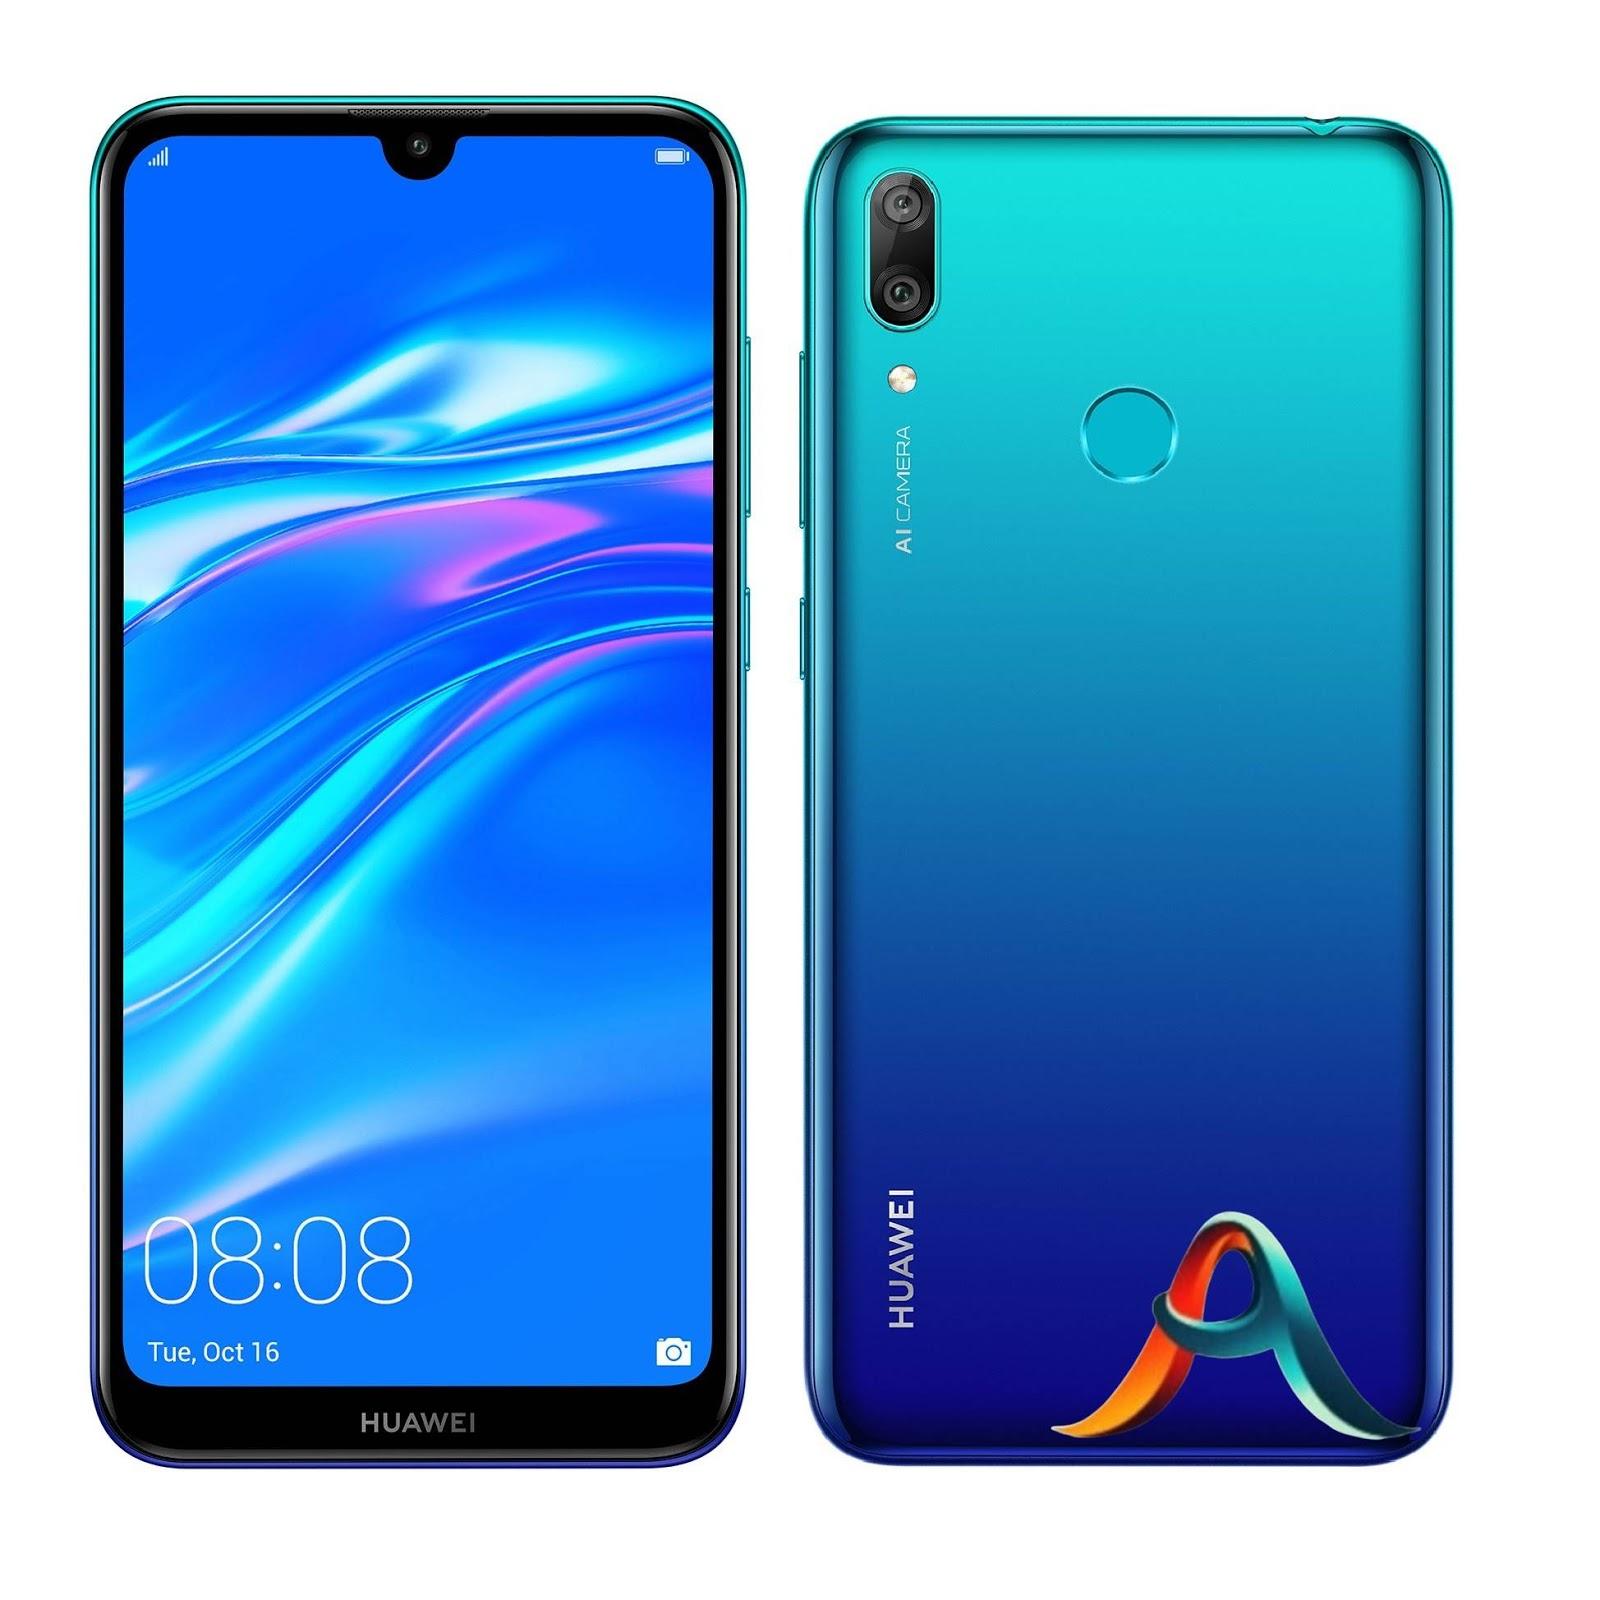 سعر و مواصفات Huawei Y7 Prime 2019 الموسوعة التقنية